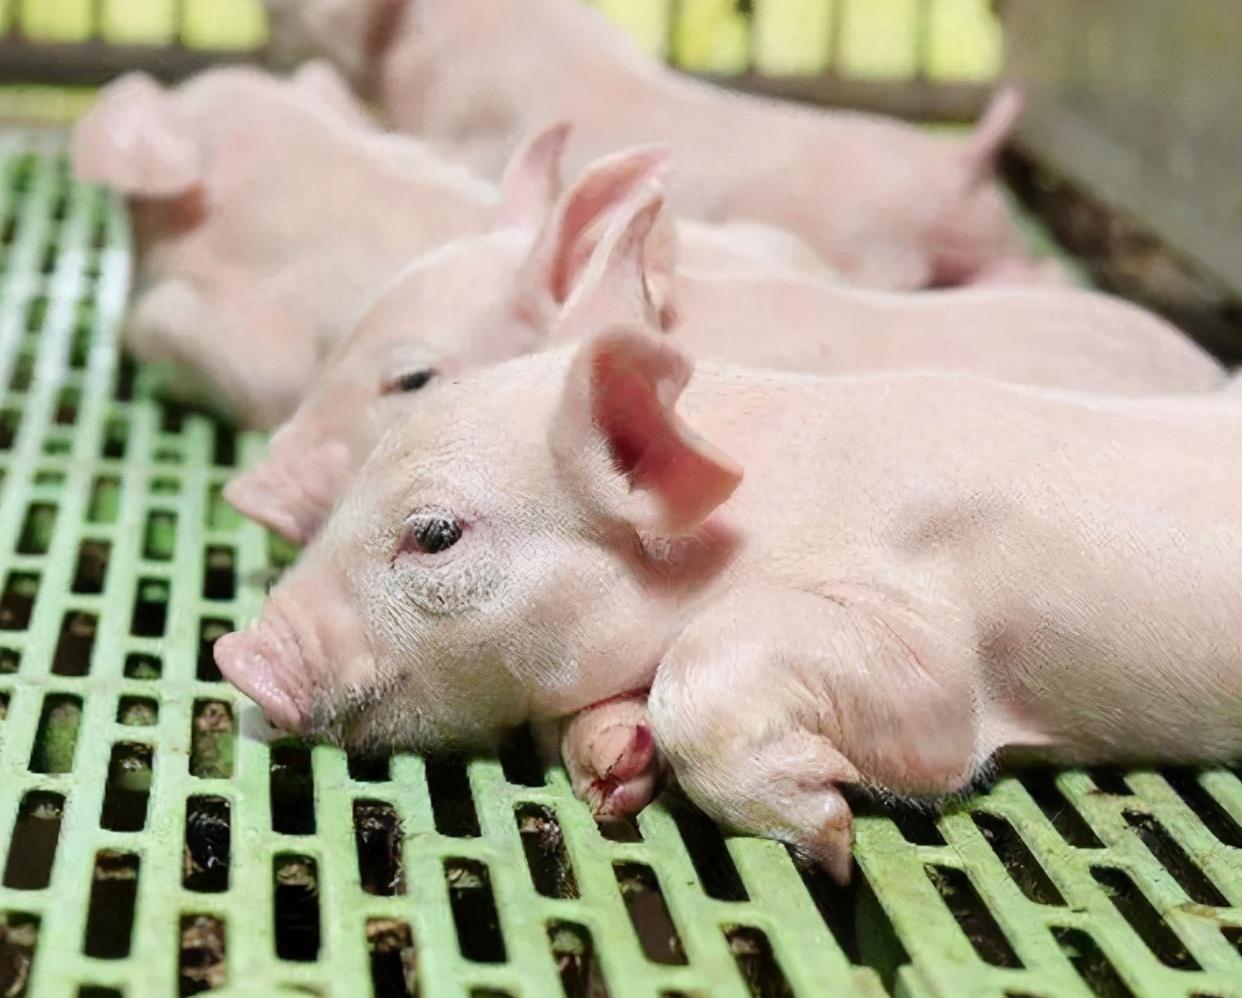 仔猪腹泻拉稀的最佳治疗方法:仔猪腹泻拉稀怎么办?